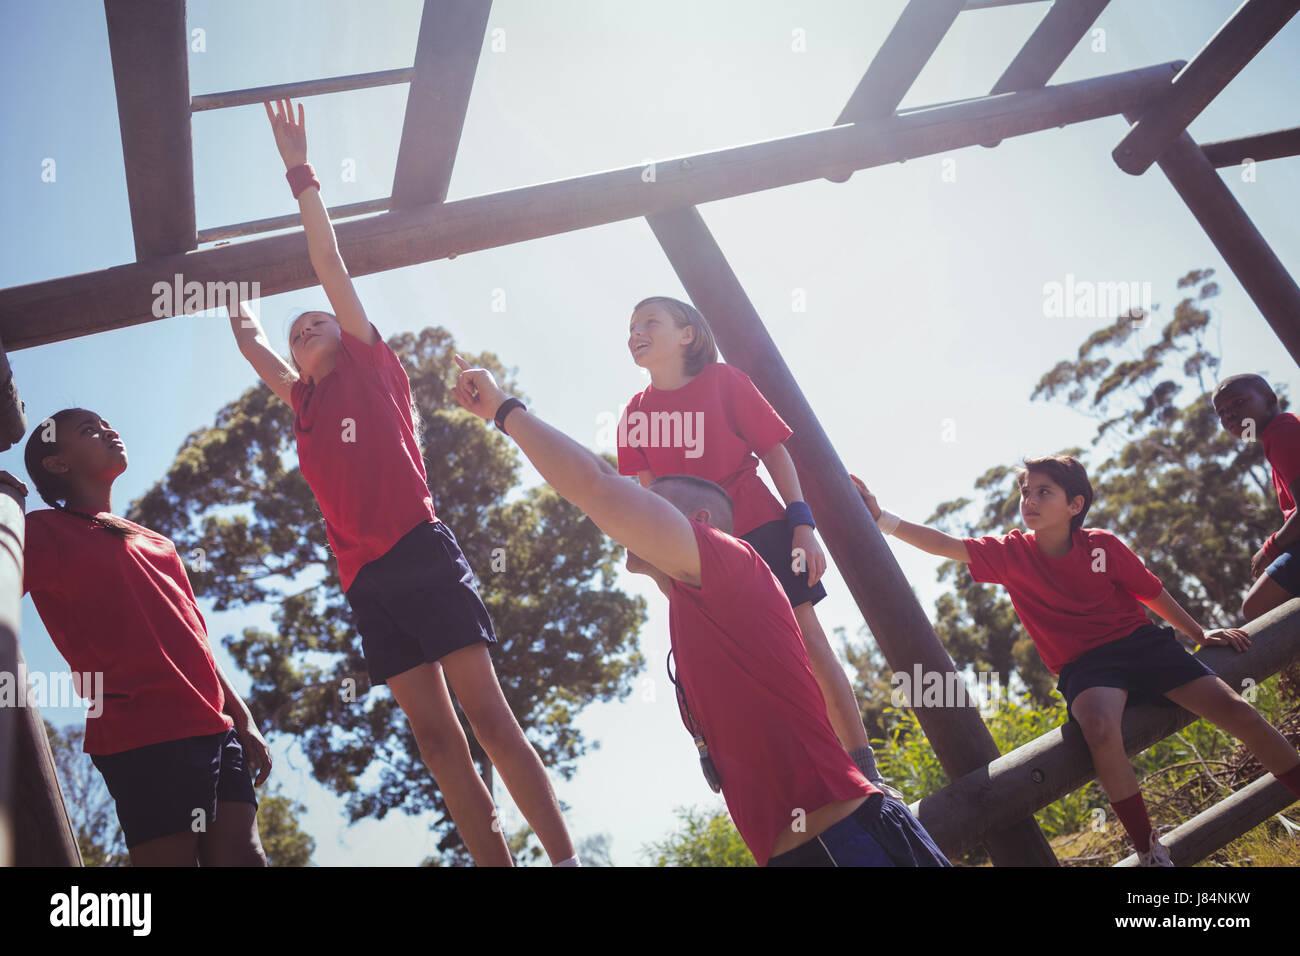 Klettergerüst Training : Kinder indoor klettergerüst bild von goldener hahn baiersbronn